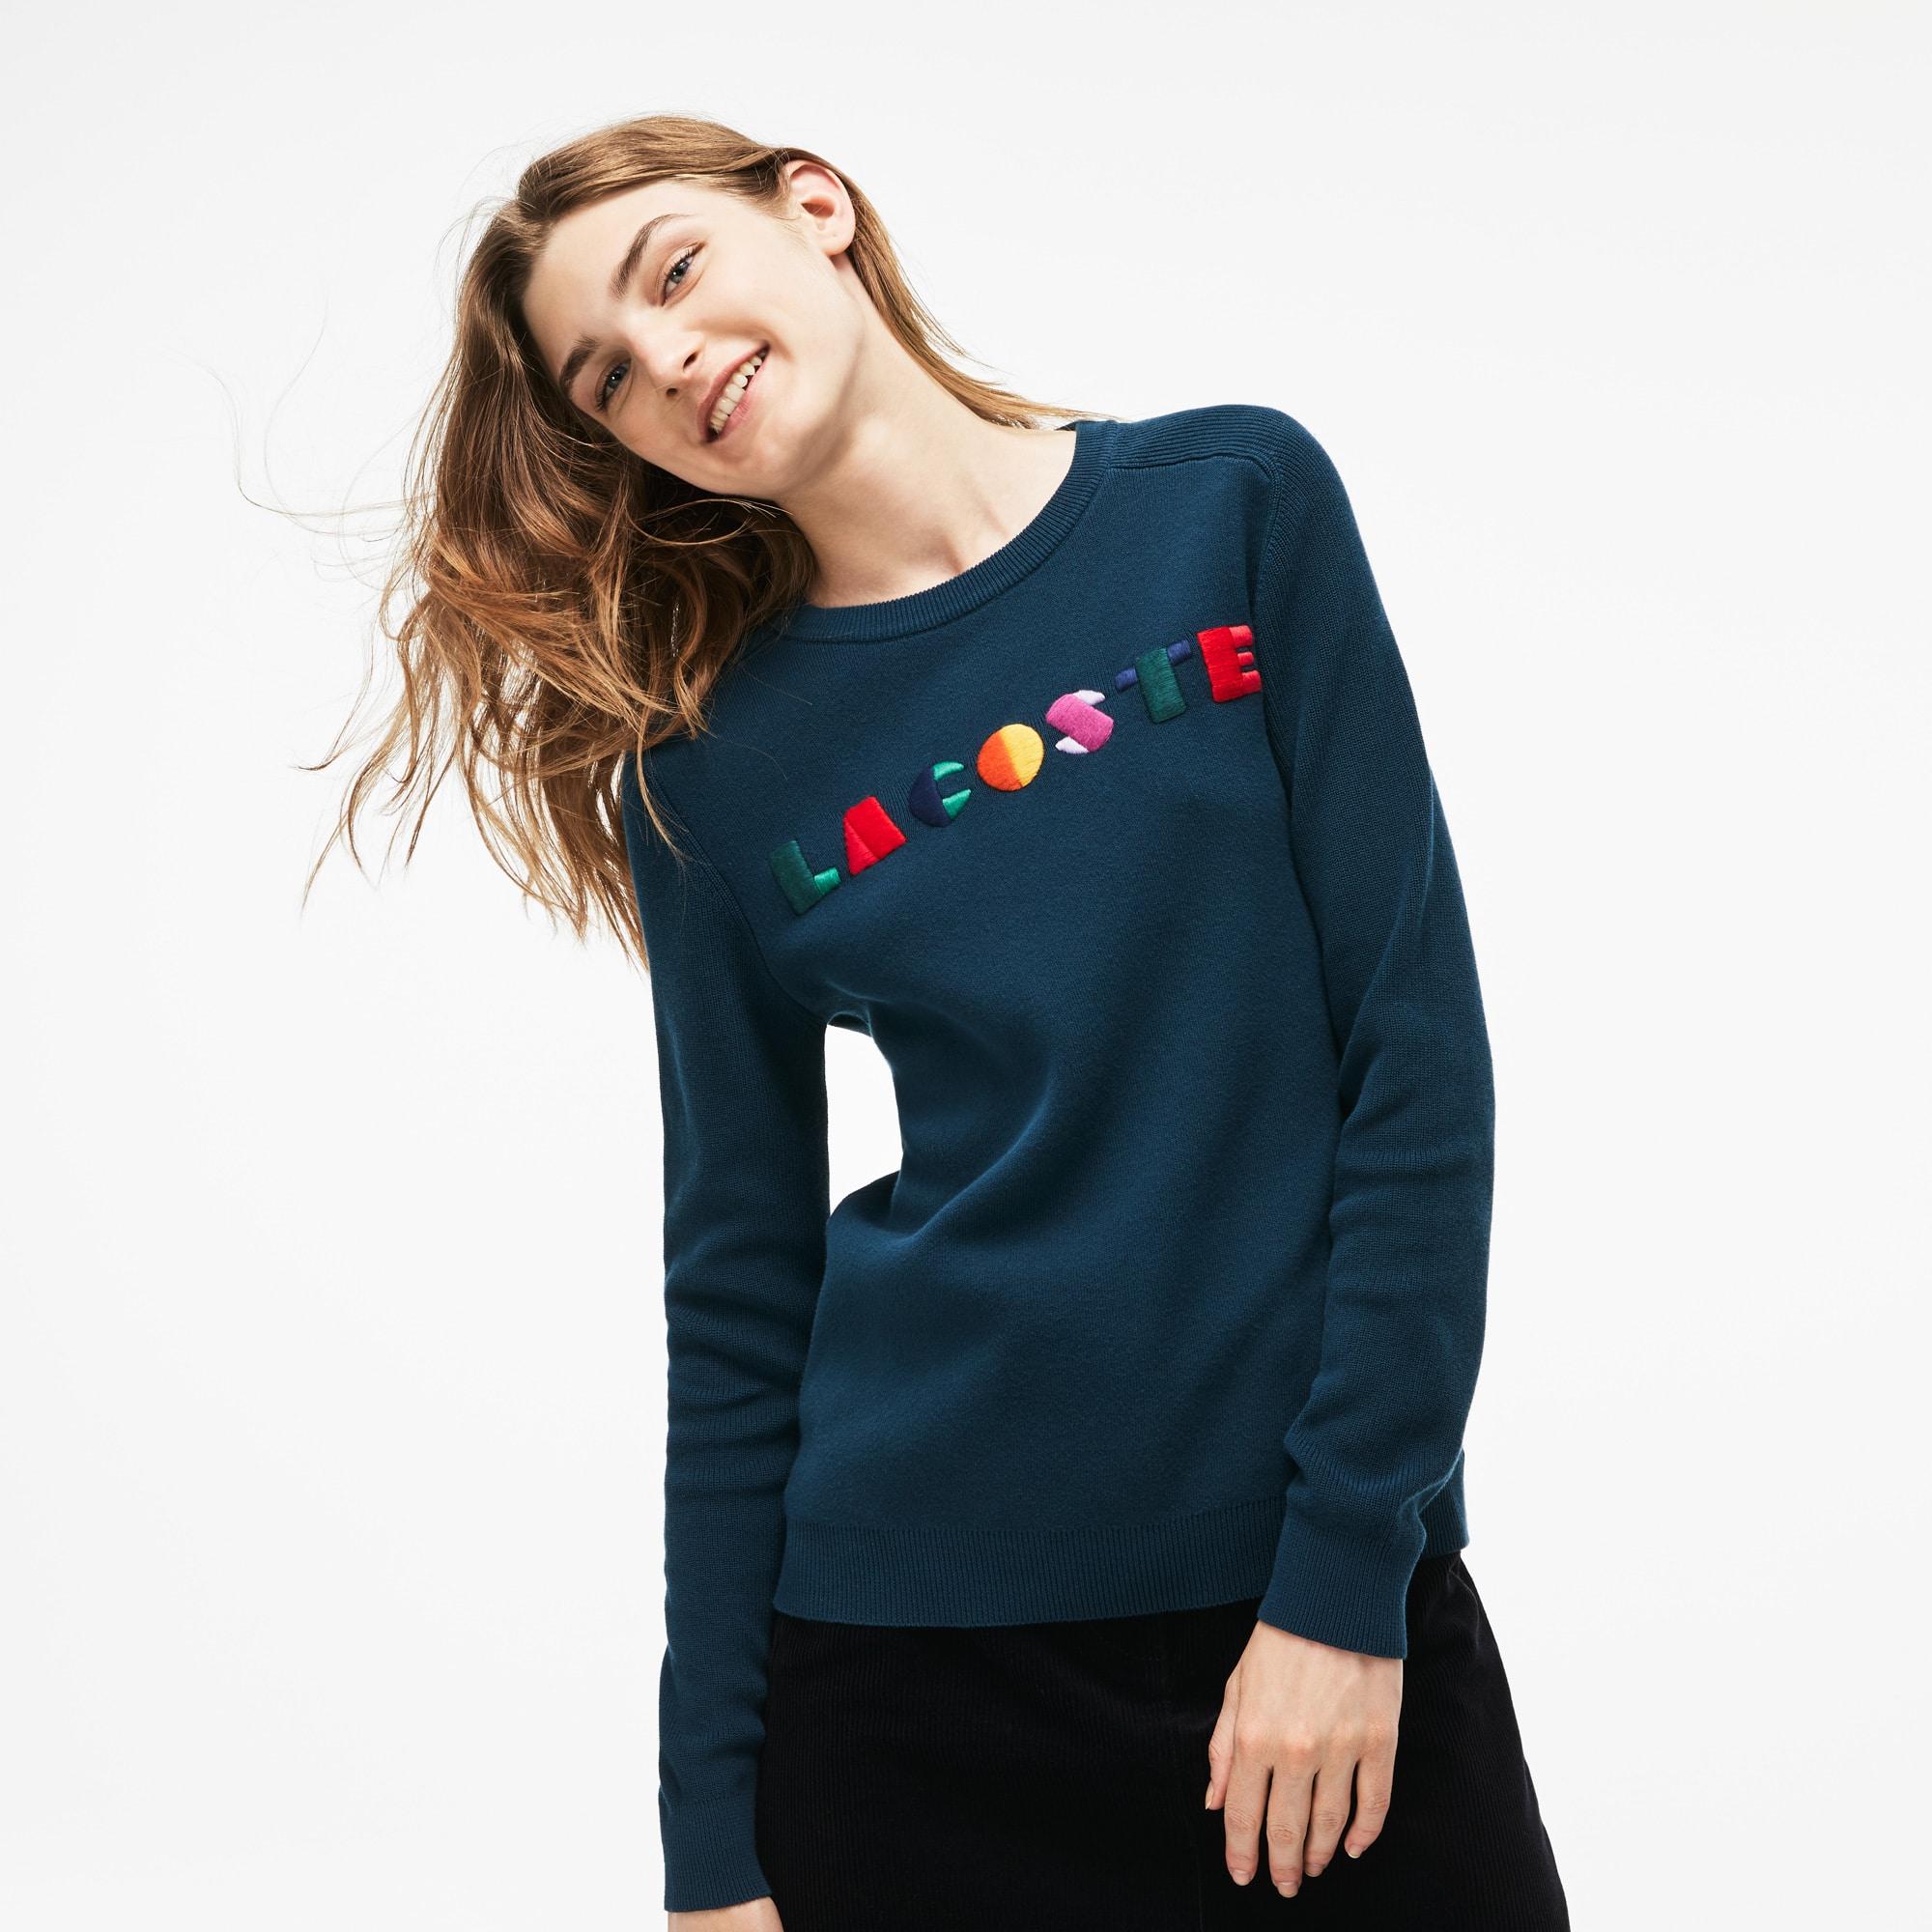 Jersey De Mujer Lacoste En Punto Interlock Con Bordados Multicolor Y Cuello Redondo